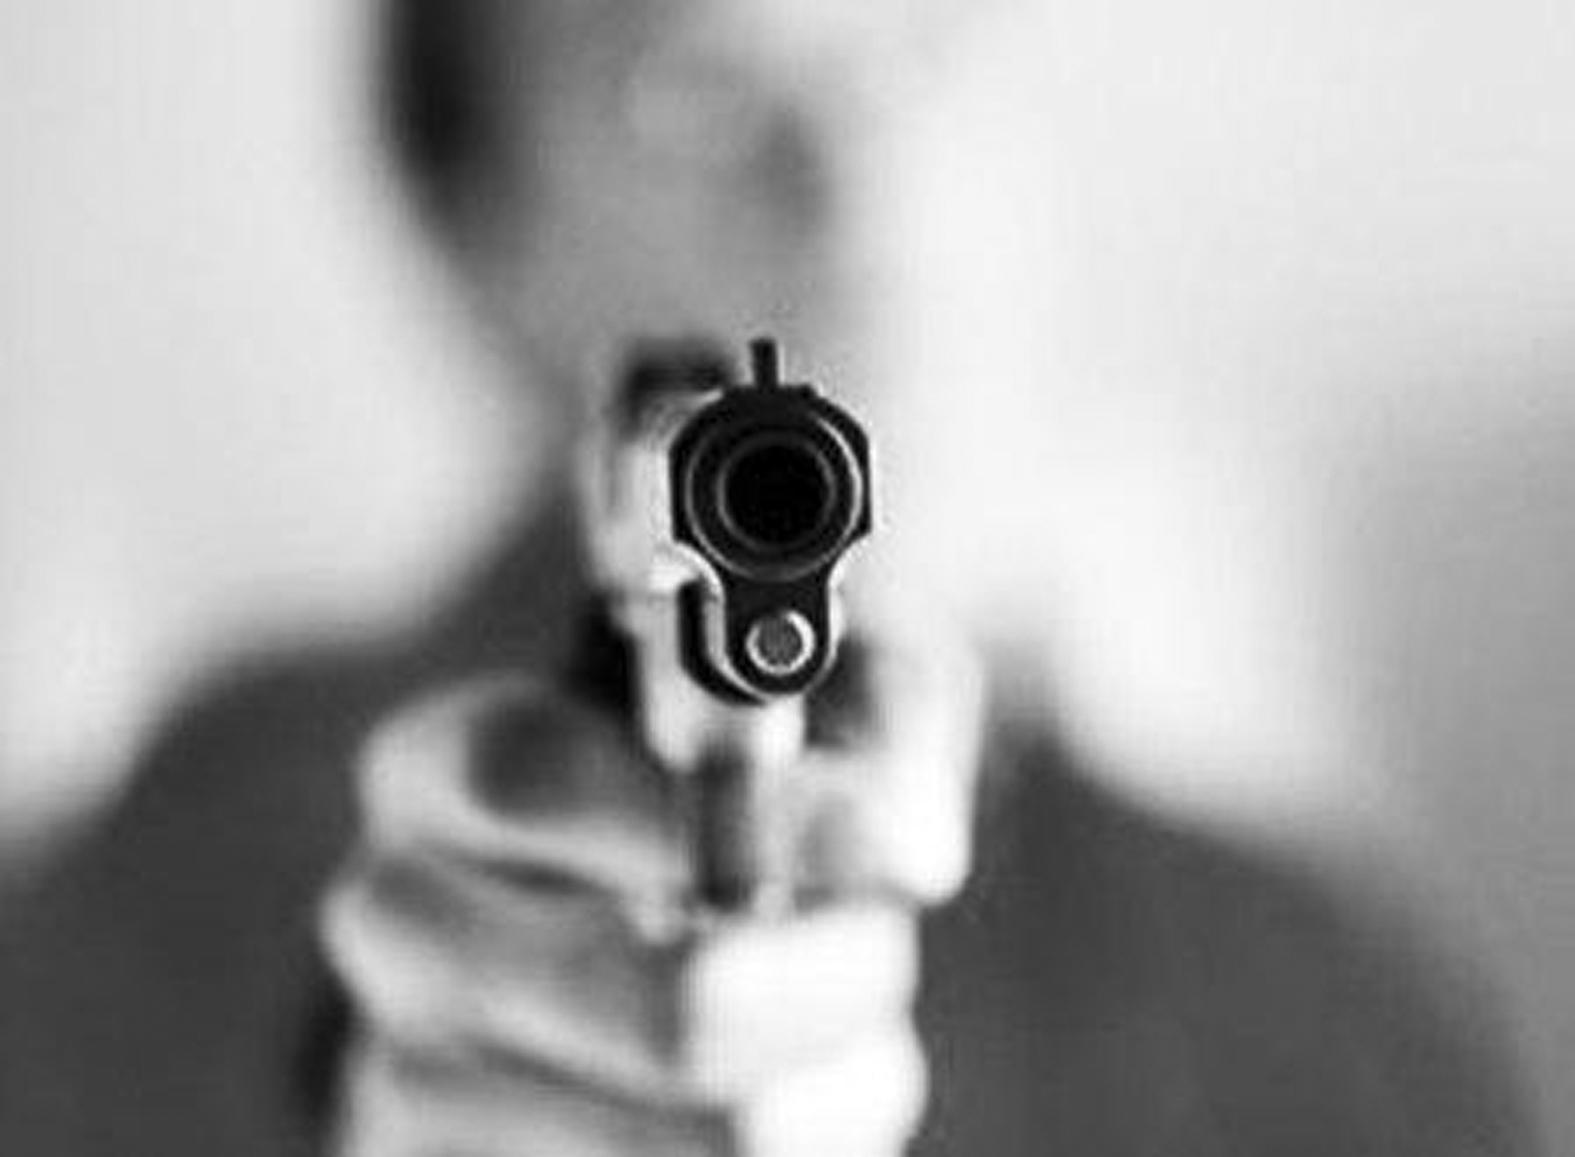 22528_Onda-de-assaltos-revolver-14-06-13